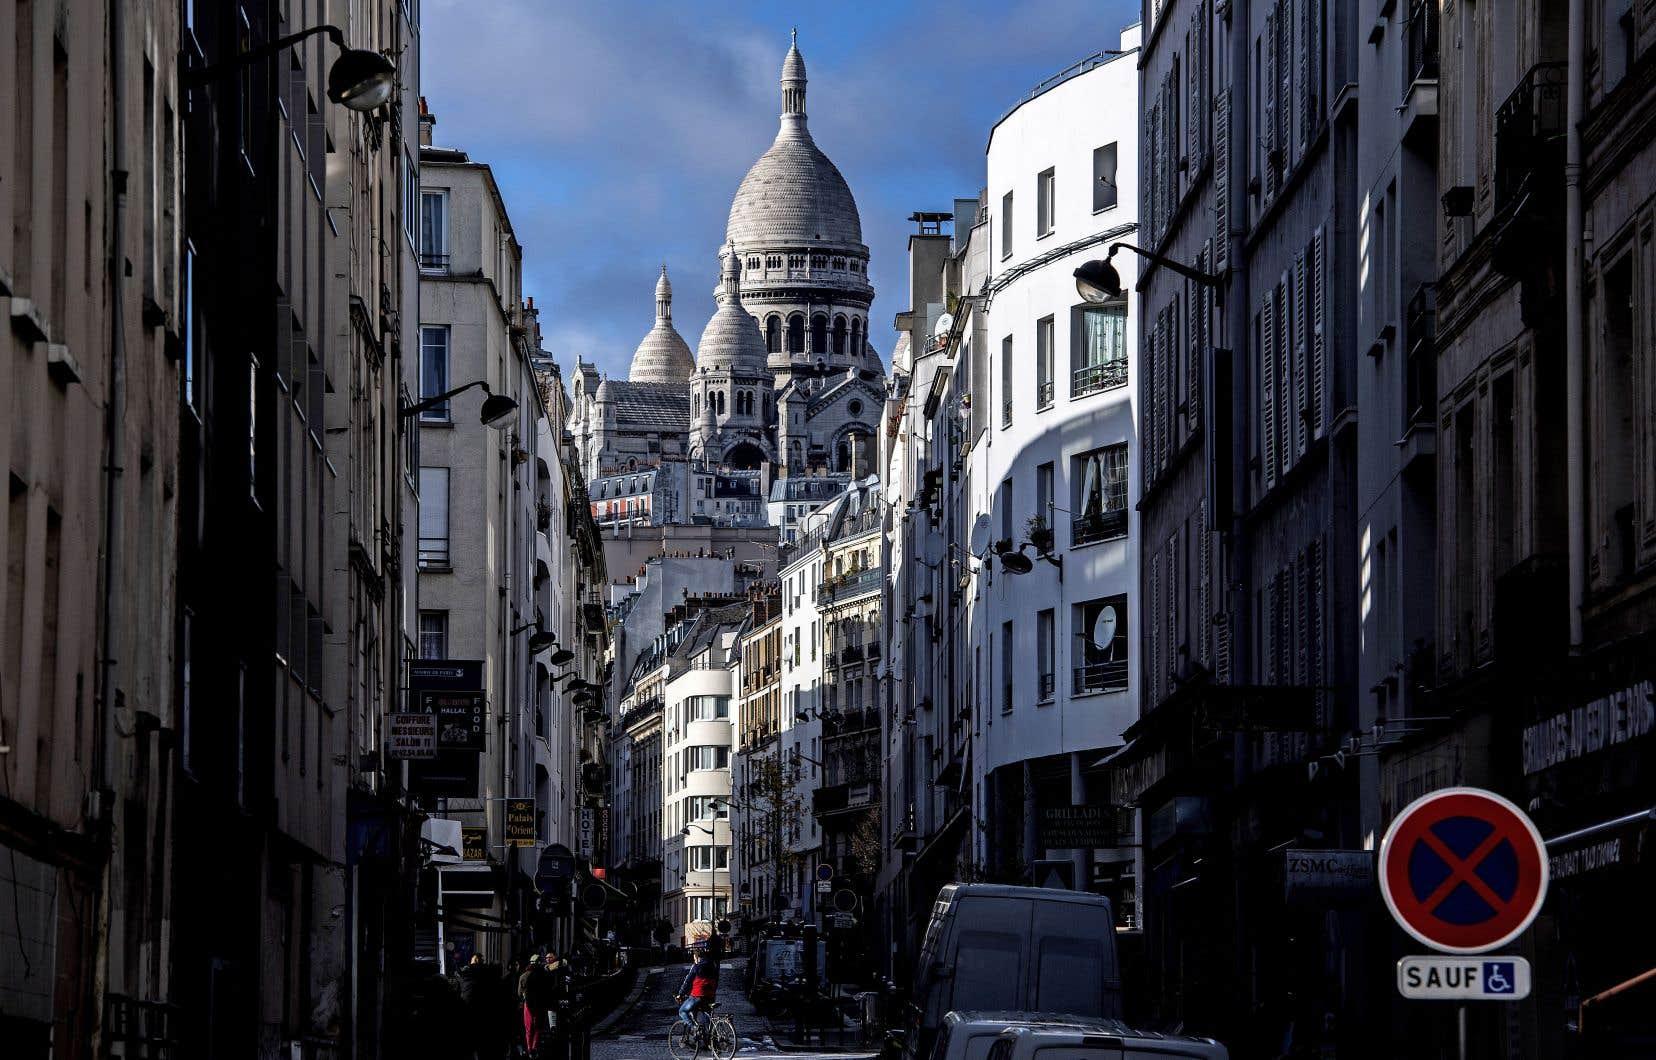 Mercredi, dans plus de 200 lieux de la Ville Lumière, dont 32 bibliothèques, 41 bureaux de poste et cinq musées, les Parisiens sont invités à quitter leur tourbillon journalier le temps de prendre la plume.